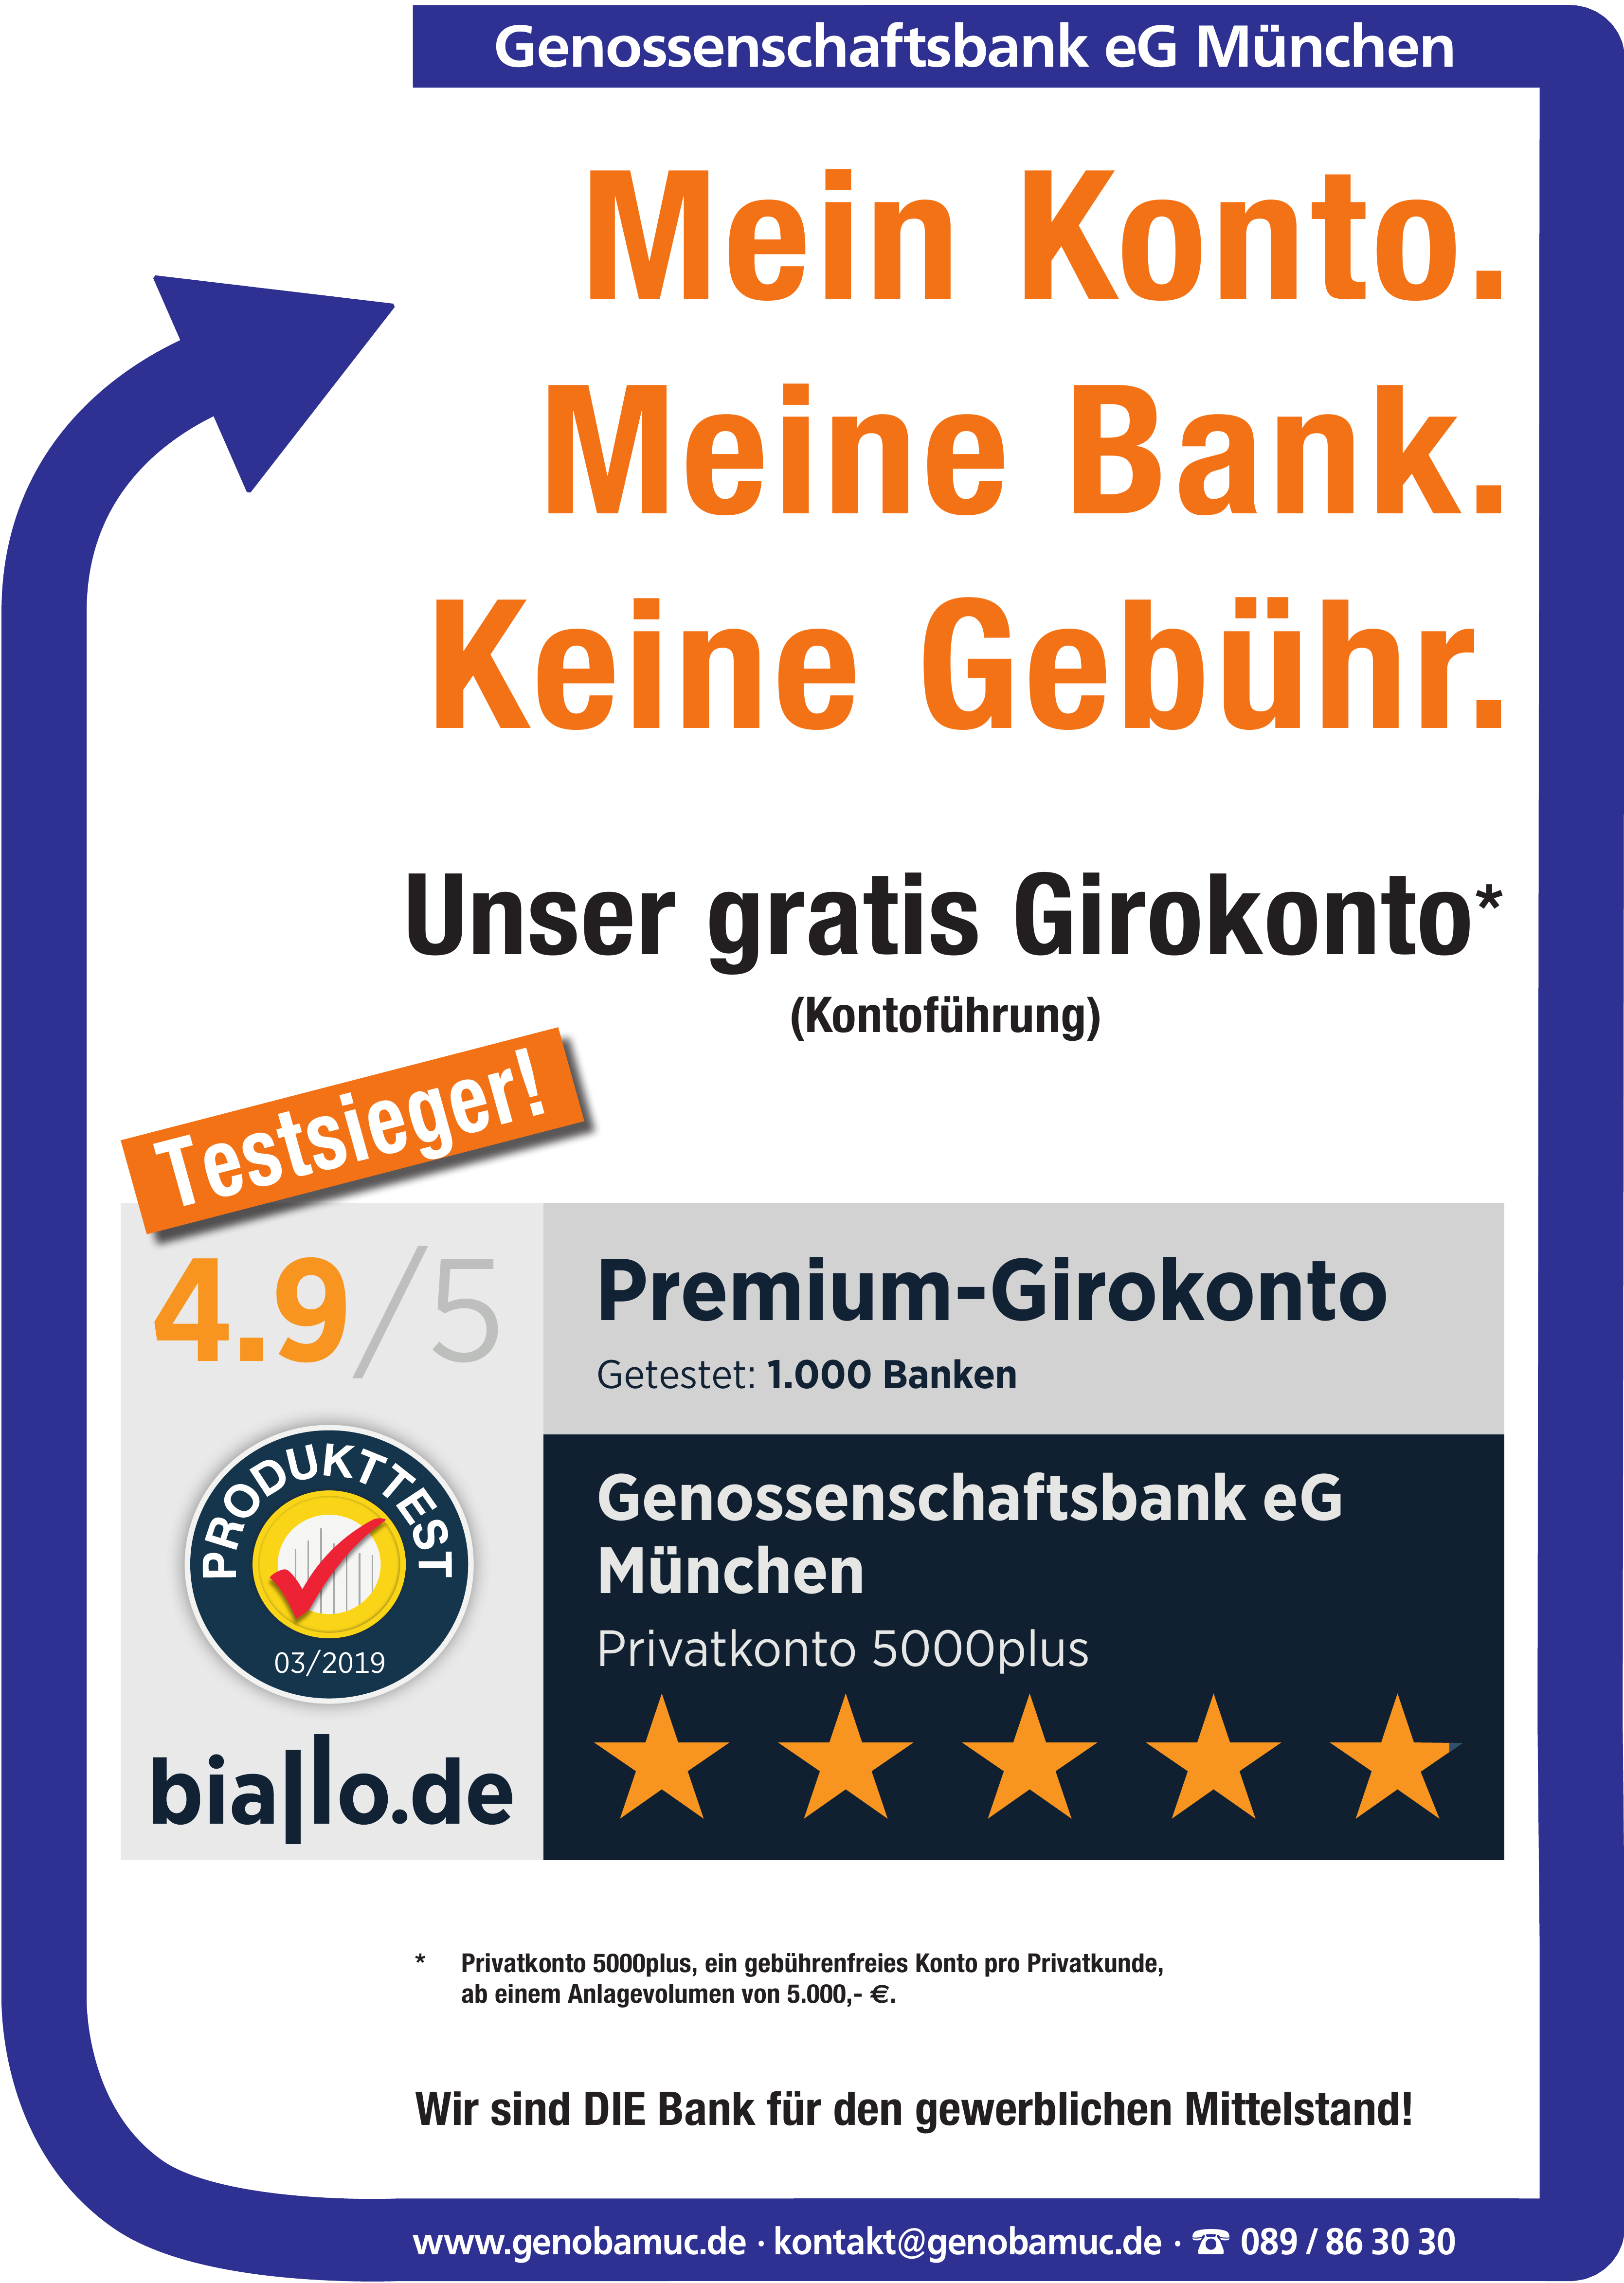 Genossenschaftsbank eG München